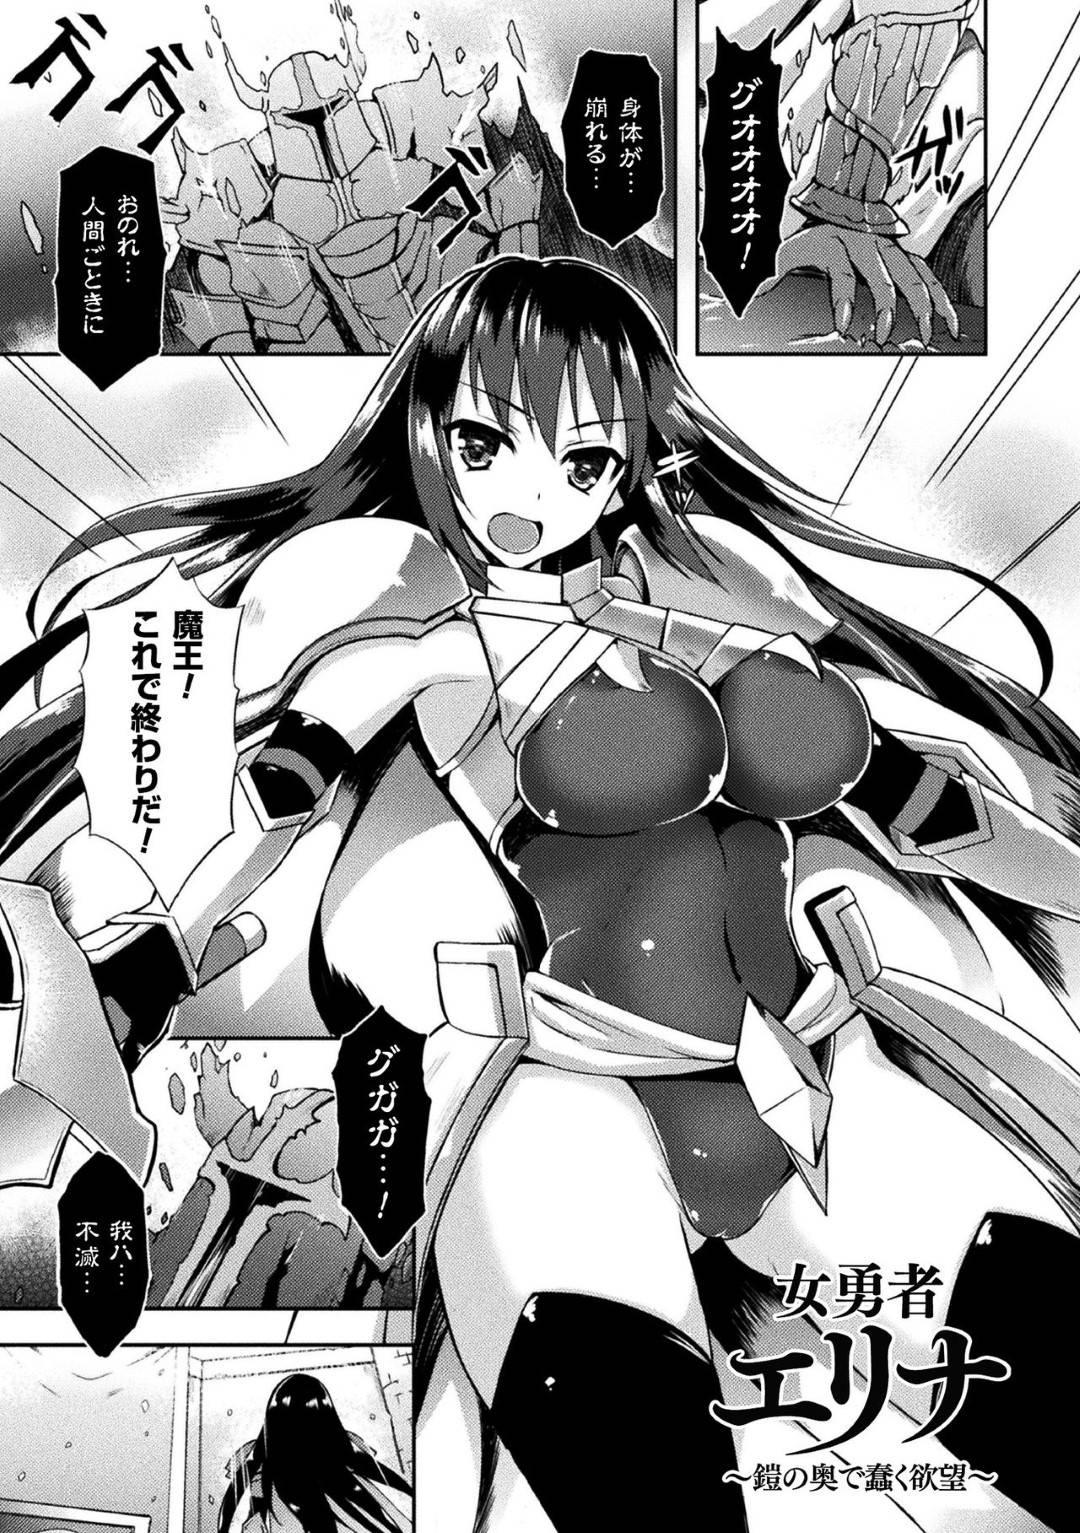 【エロ漫画】魔王を倒し、国へと帰還した女勇者のエリナ。しかし魔王は完全に倒しきれておらず、彼女の鎧に触手として取り憑いている様子で、触手は徐々に身体覆って彼女を陵辱する。次第に膣やアナルに種付けされるようになって魔王に支配されてしまうのだった。